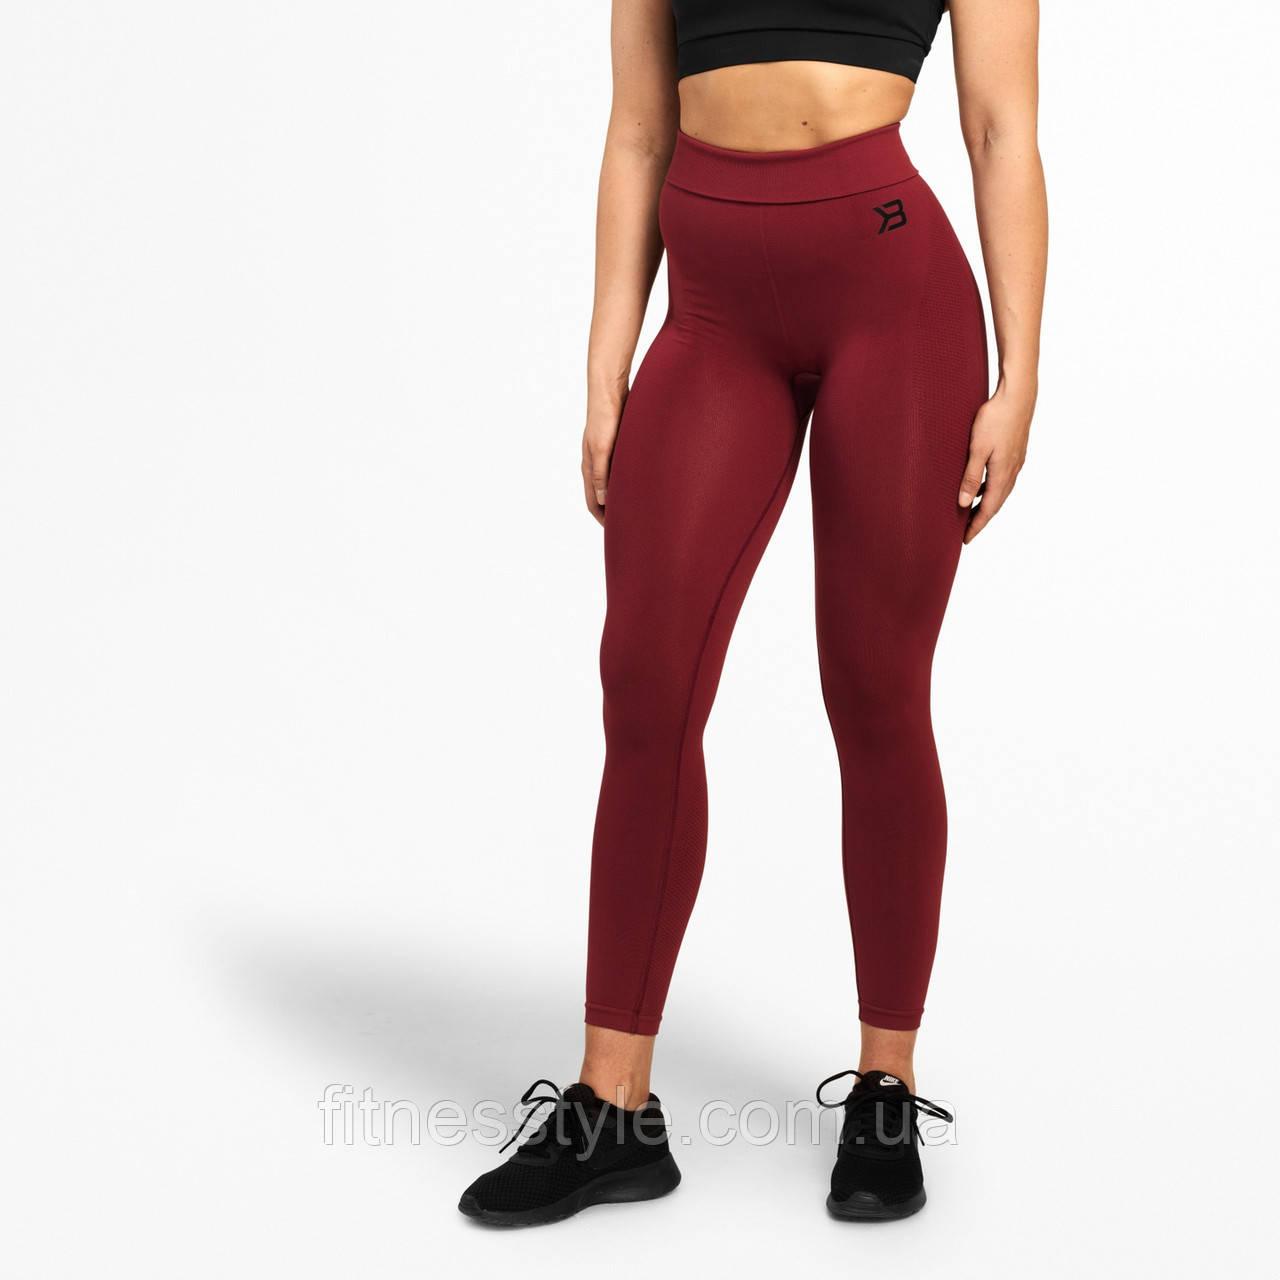 Спортивні жіночі Better Bodies Rockaway tights, Sangria Red